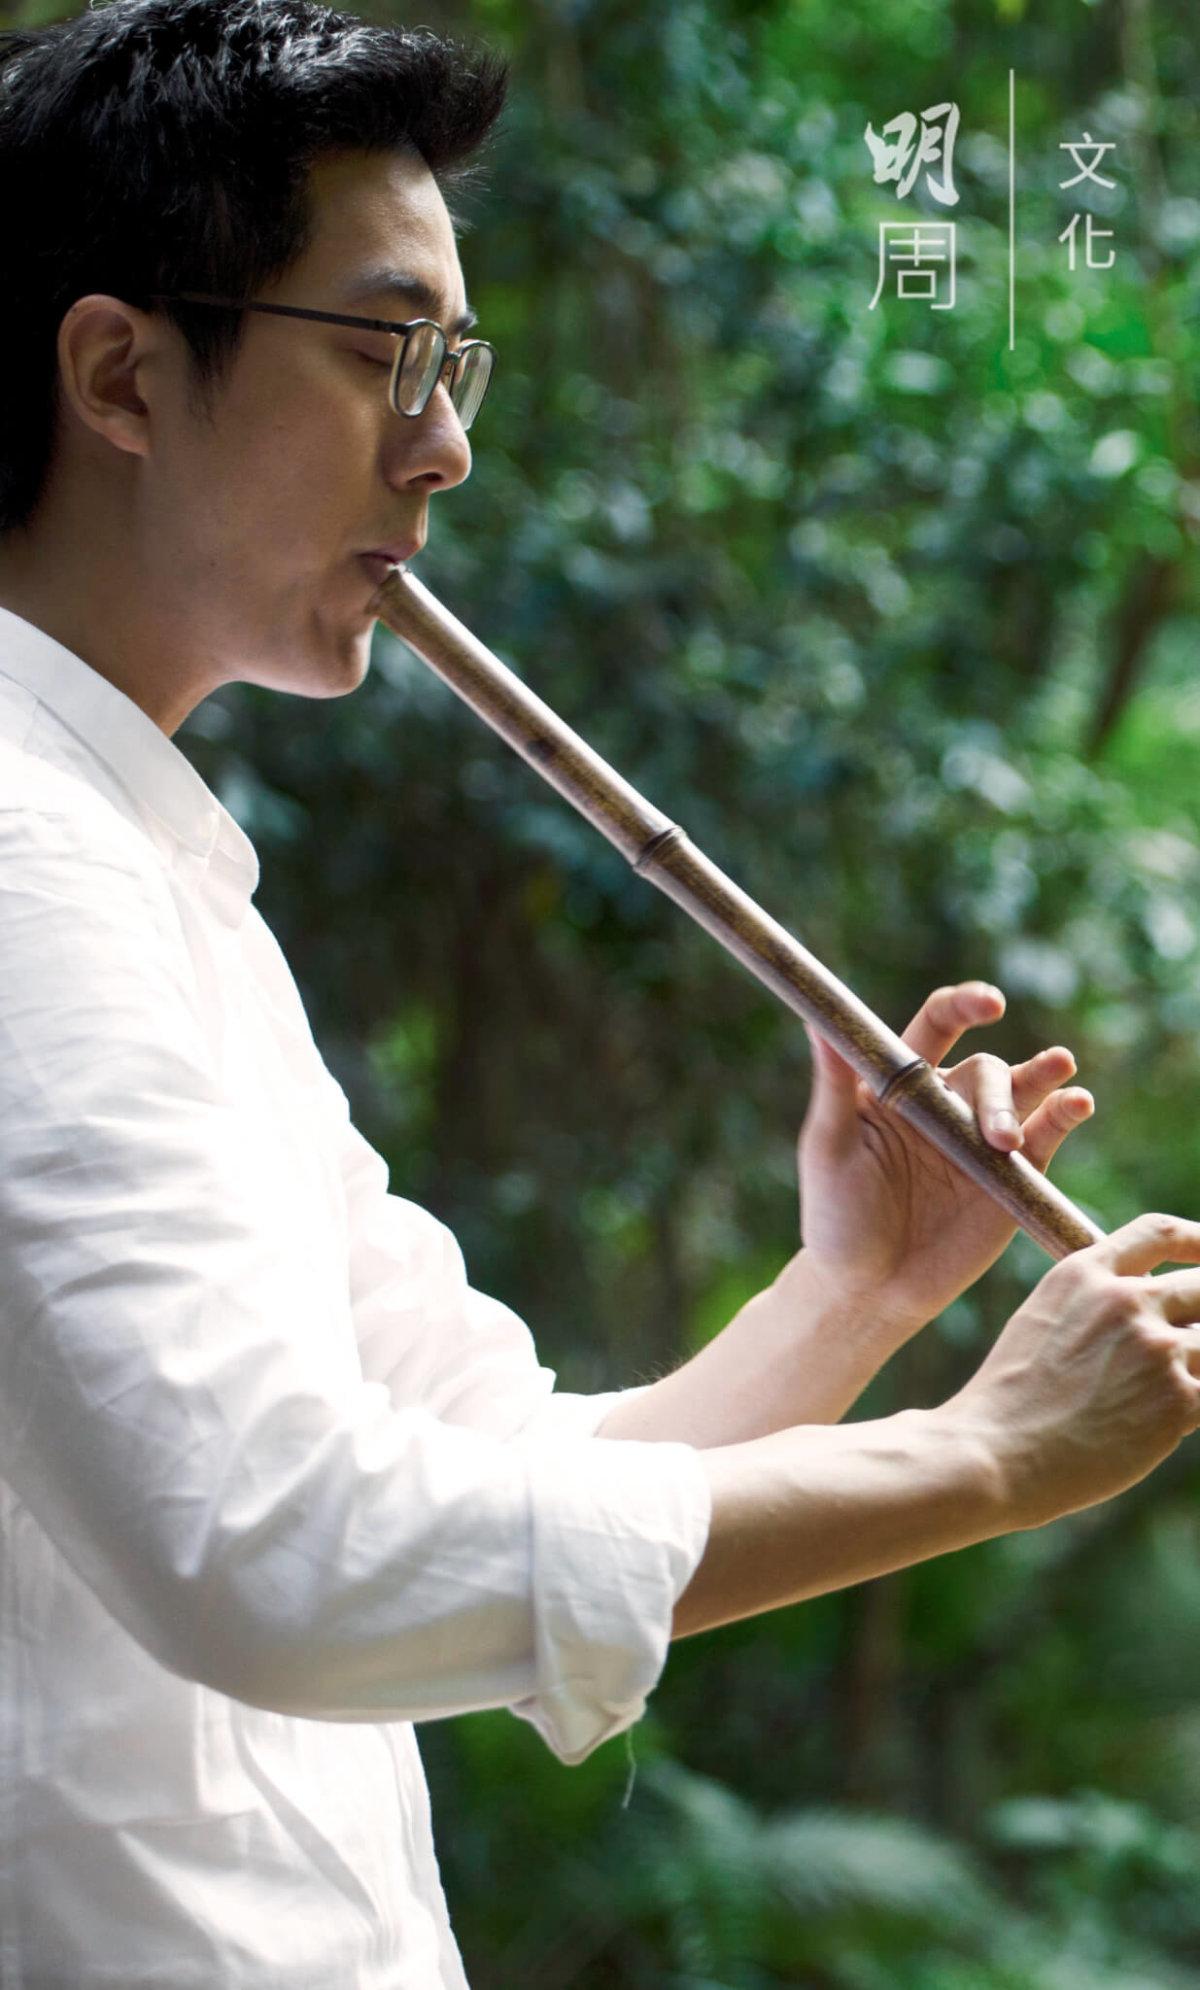 除了習琴,鍾兆燊亦擅簫,常為琴伴奏。